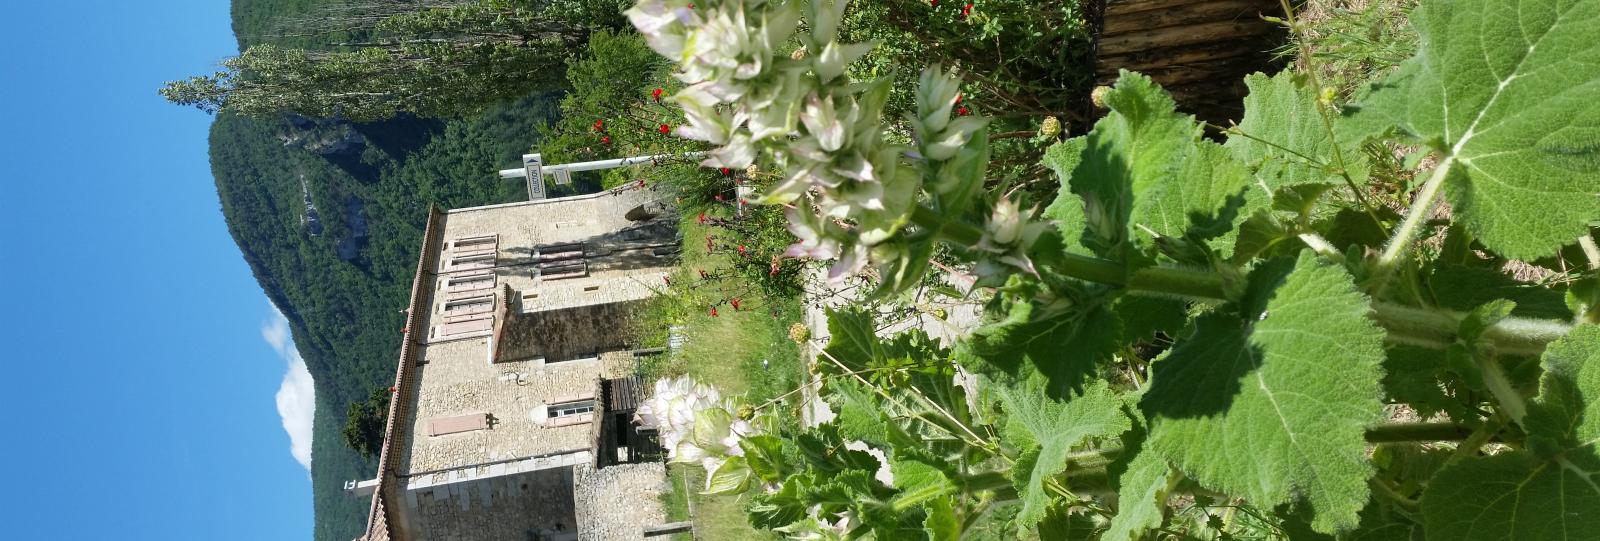 Atelier du Jardin Botanique de Ste Croix : Préparer un Repas avec des Plantes régionales